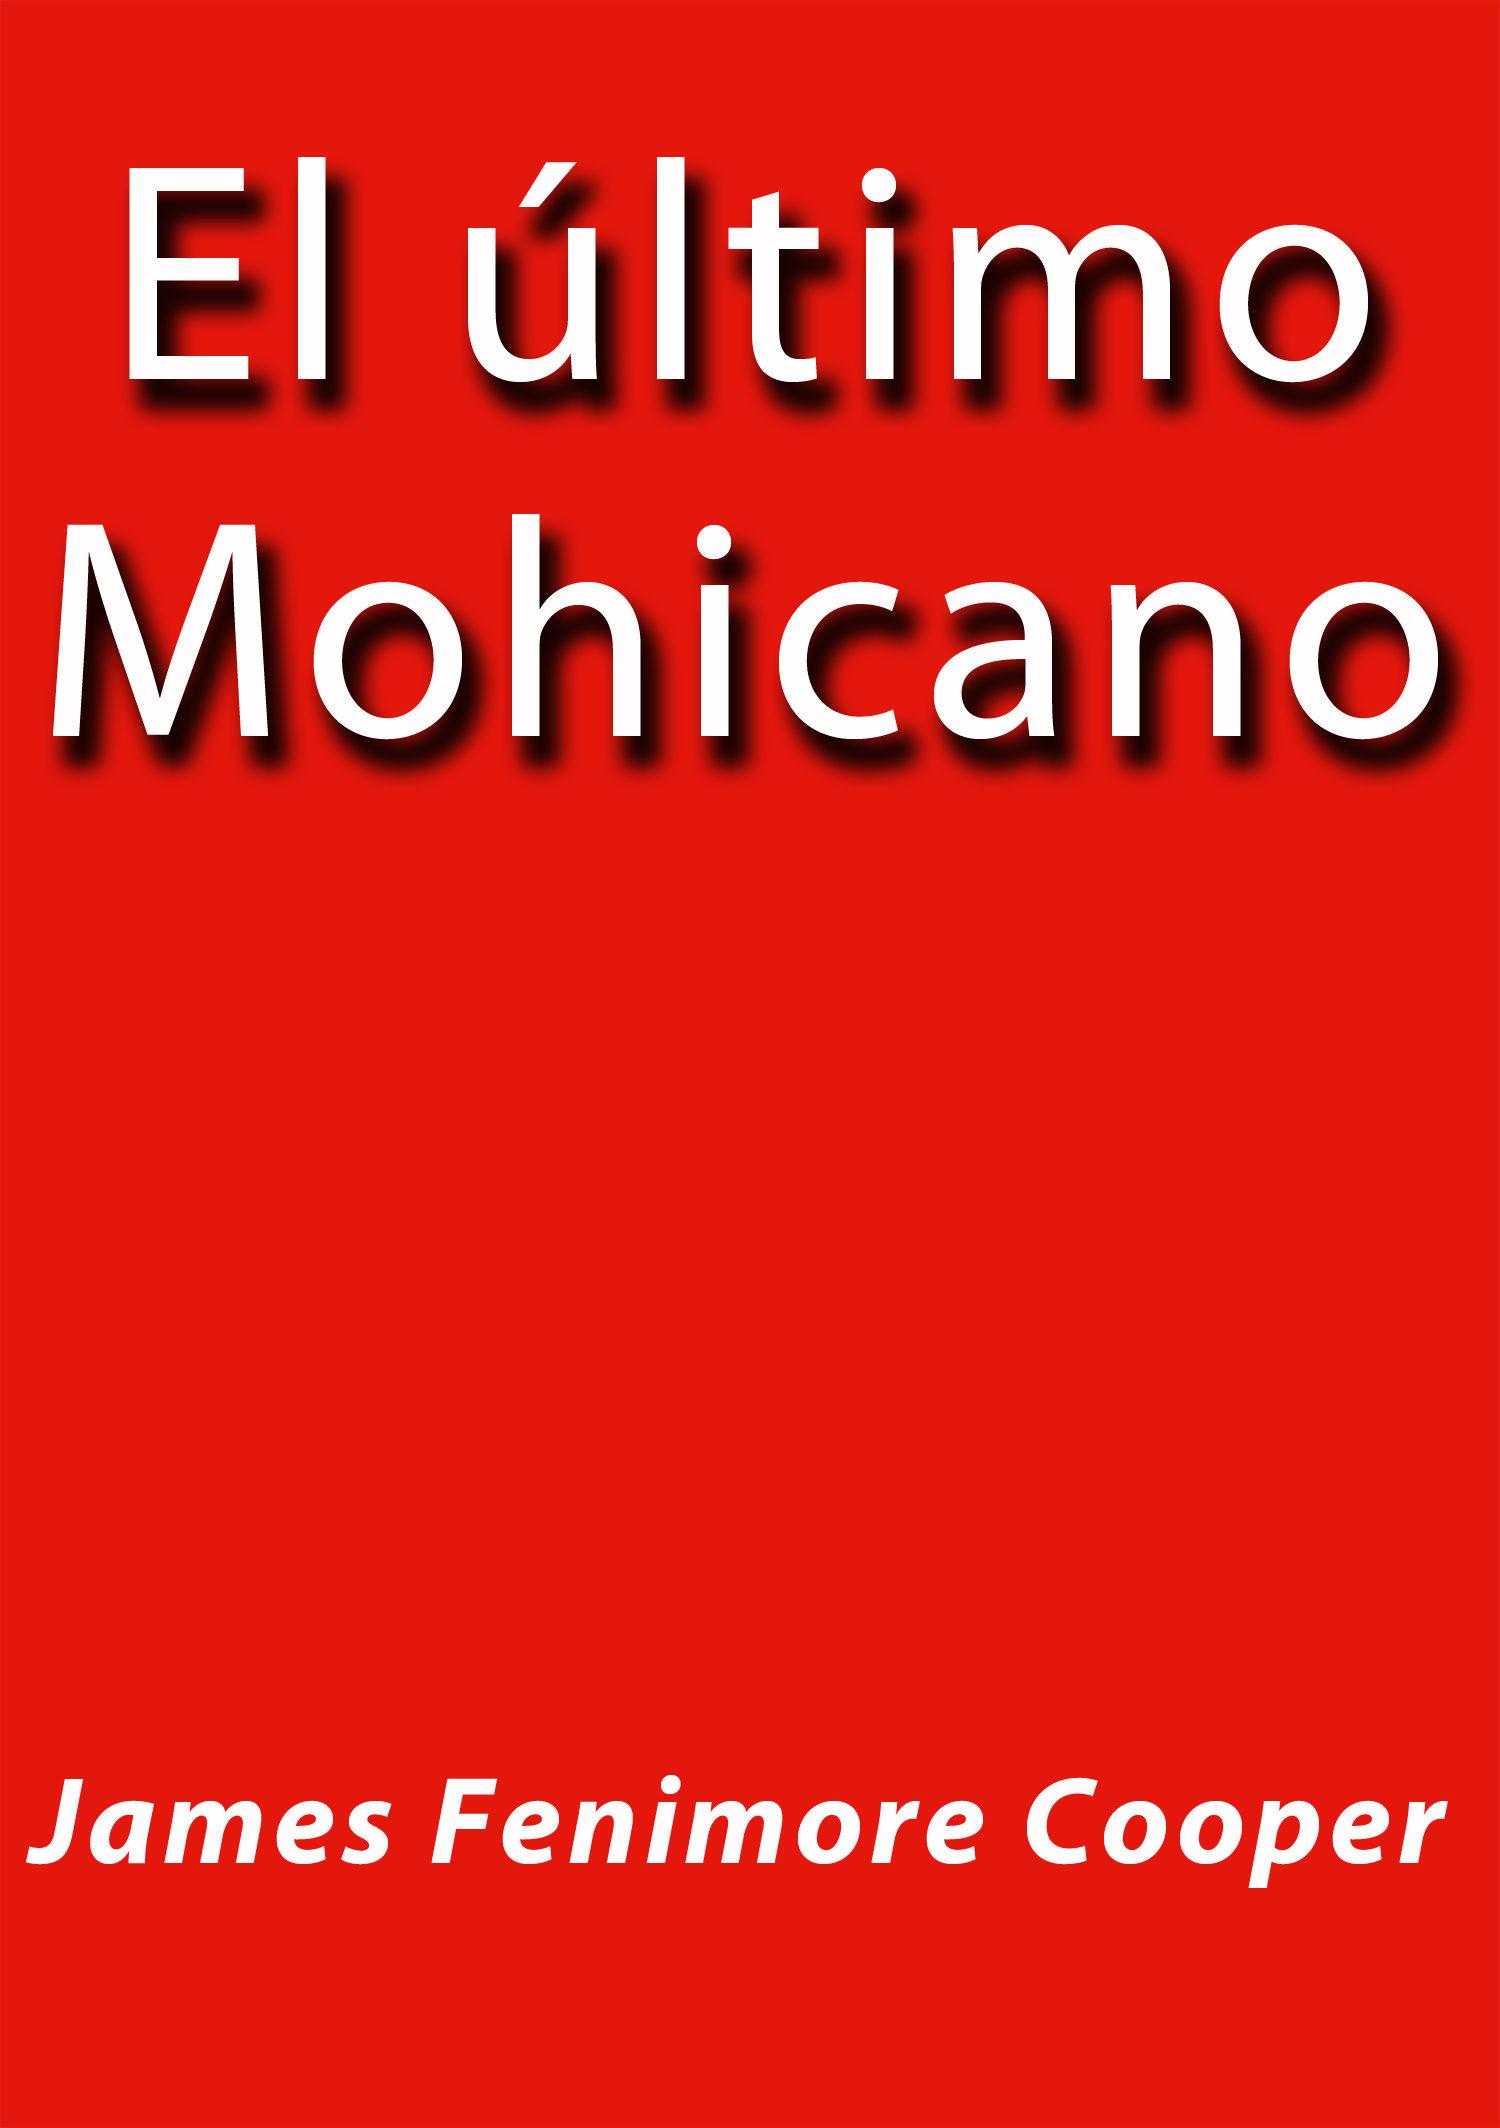 EL ÚLTIMO MOHICANO EBOOK | J. BORJA | Descargar libro PDF o EPUB ...